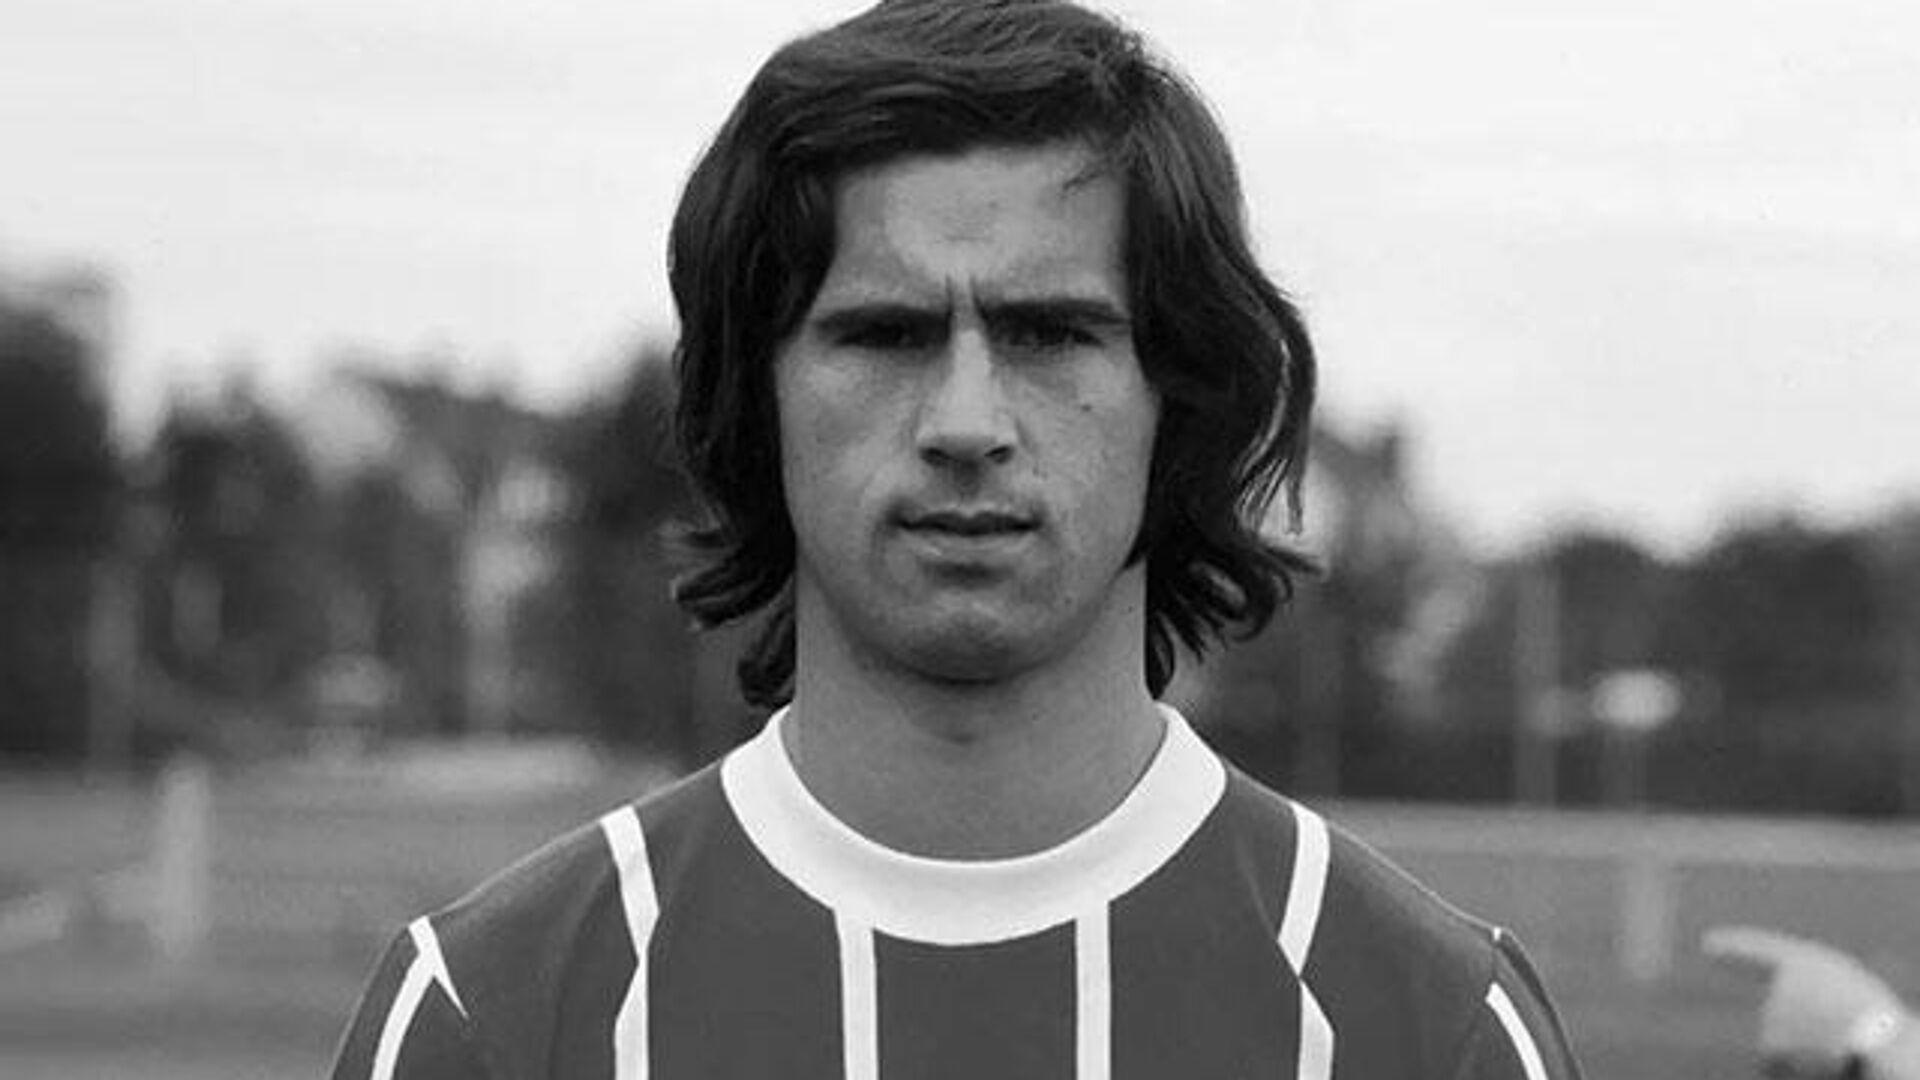 Efsanevi futbolcu Gerd Müller hayatını kaybetti  - Sputnik Türkiye, 1920, 15.08.2021